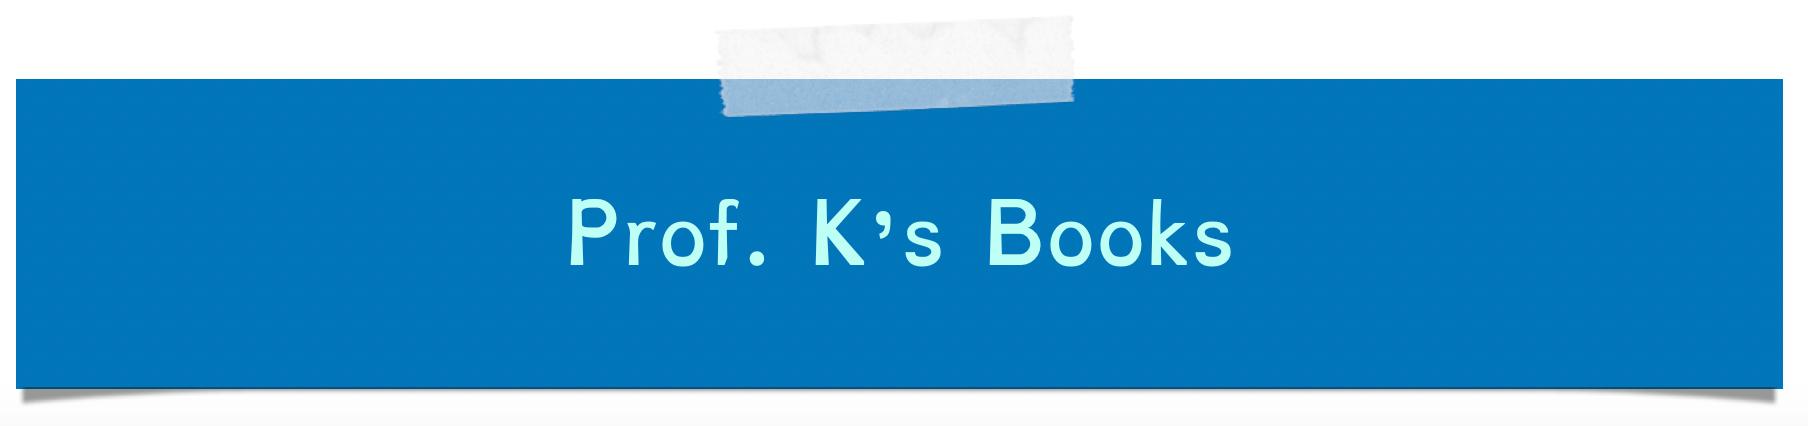 Download samples of Prof. K's Book